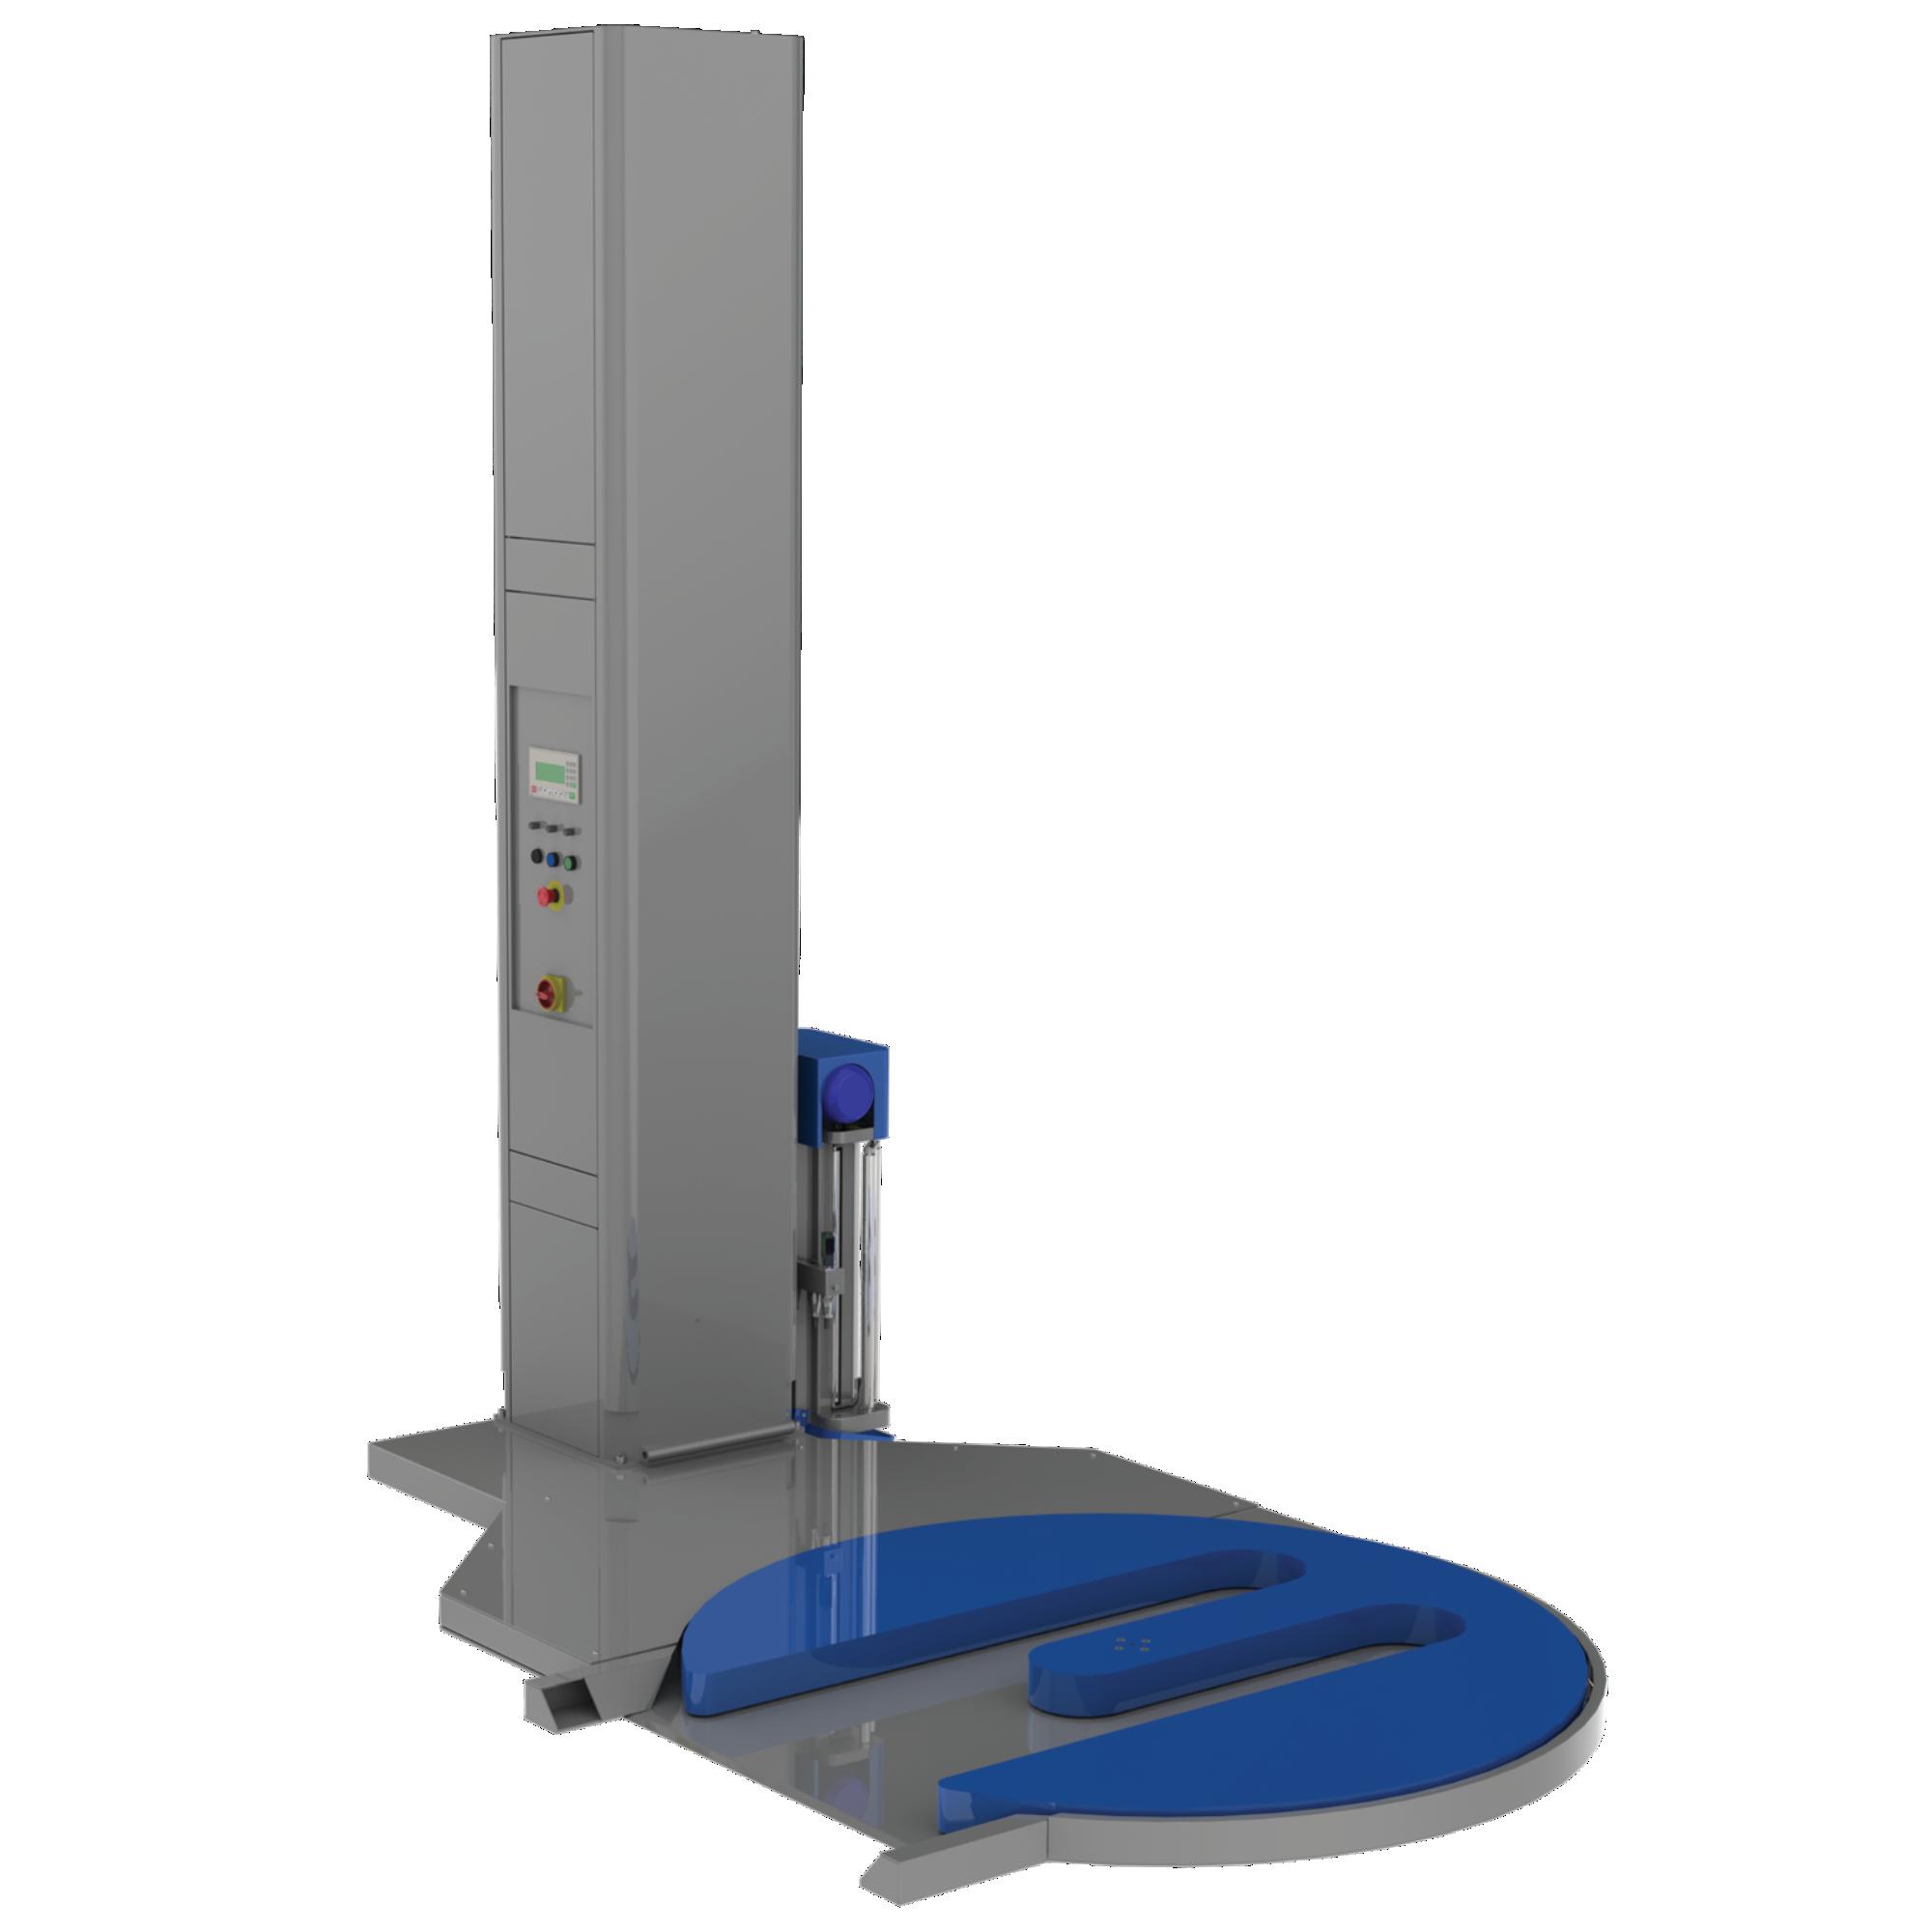 FG-2000BWcu decupaj al platformei rotative pentru urcarea paleților cu transpaletul si prevazuta cu grup de preintindere al foliei